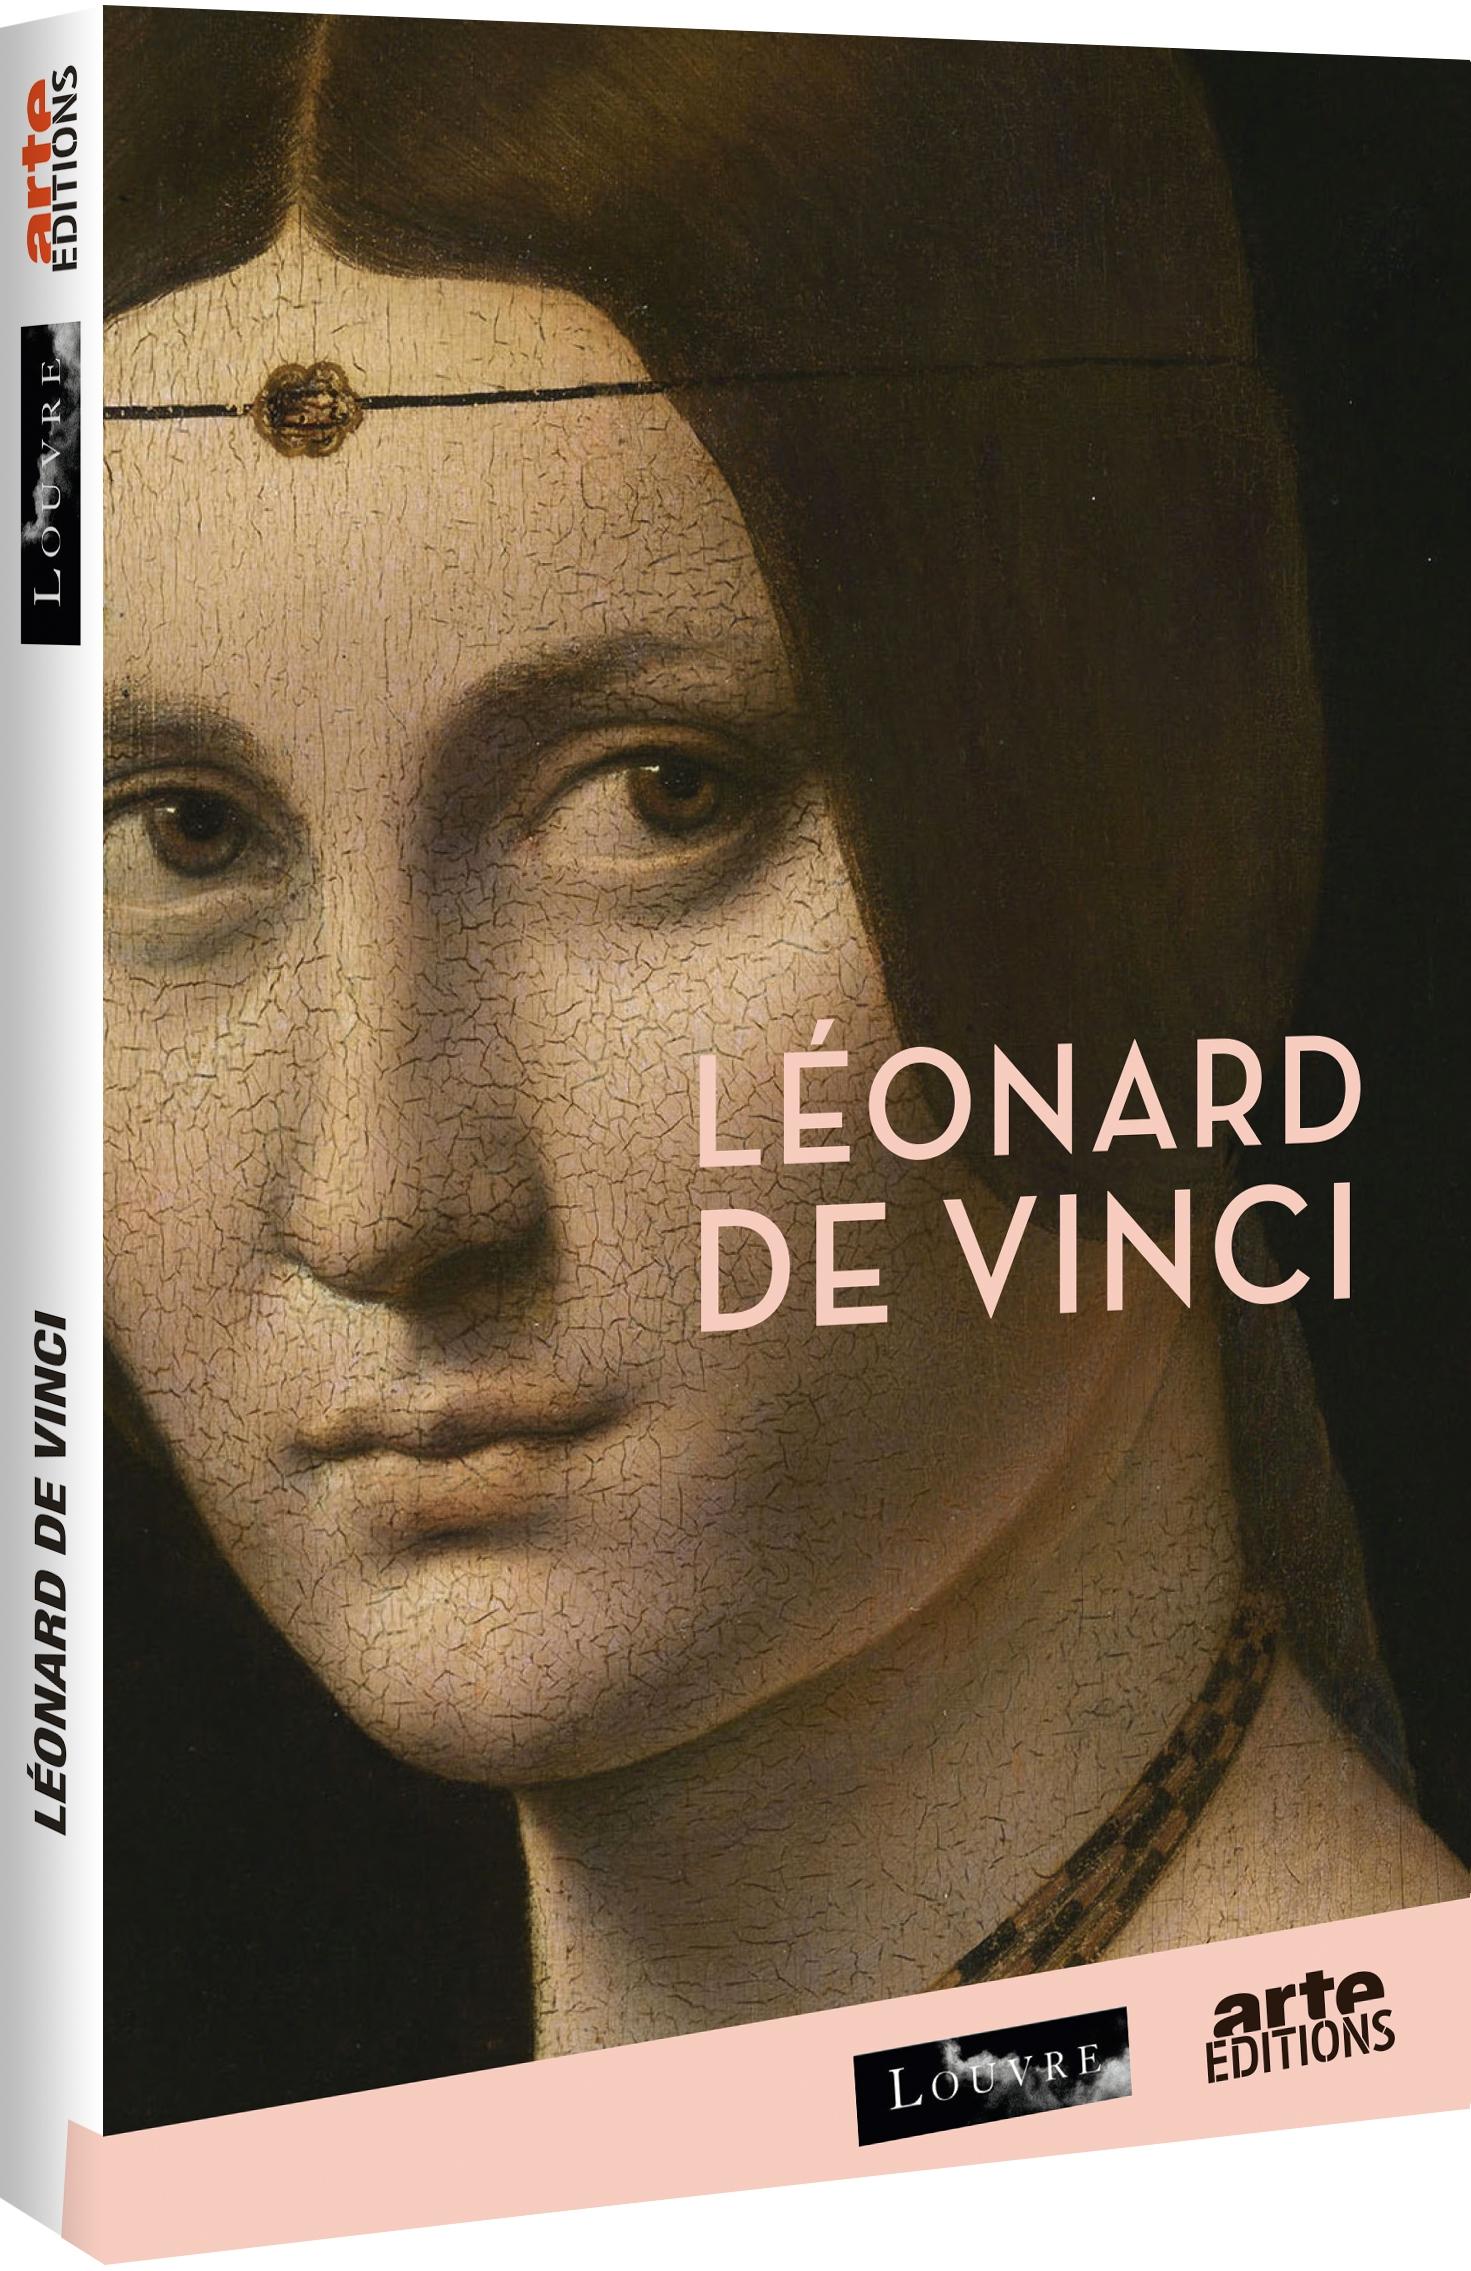 Léonard de Vinci - La Manière moderne - Le Chef-d'oeuvre redécouvert . DVD / Sandra Paugam, Frédéric Wilner, réal.  | Paugam, Sandra. Metteur en scène ou réalisateur